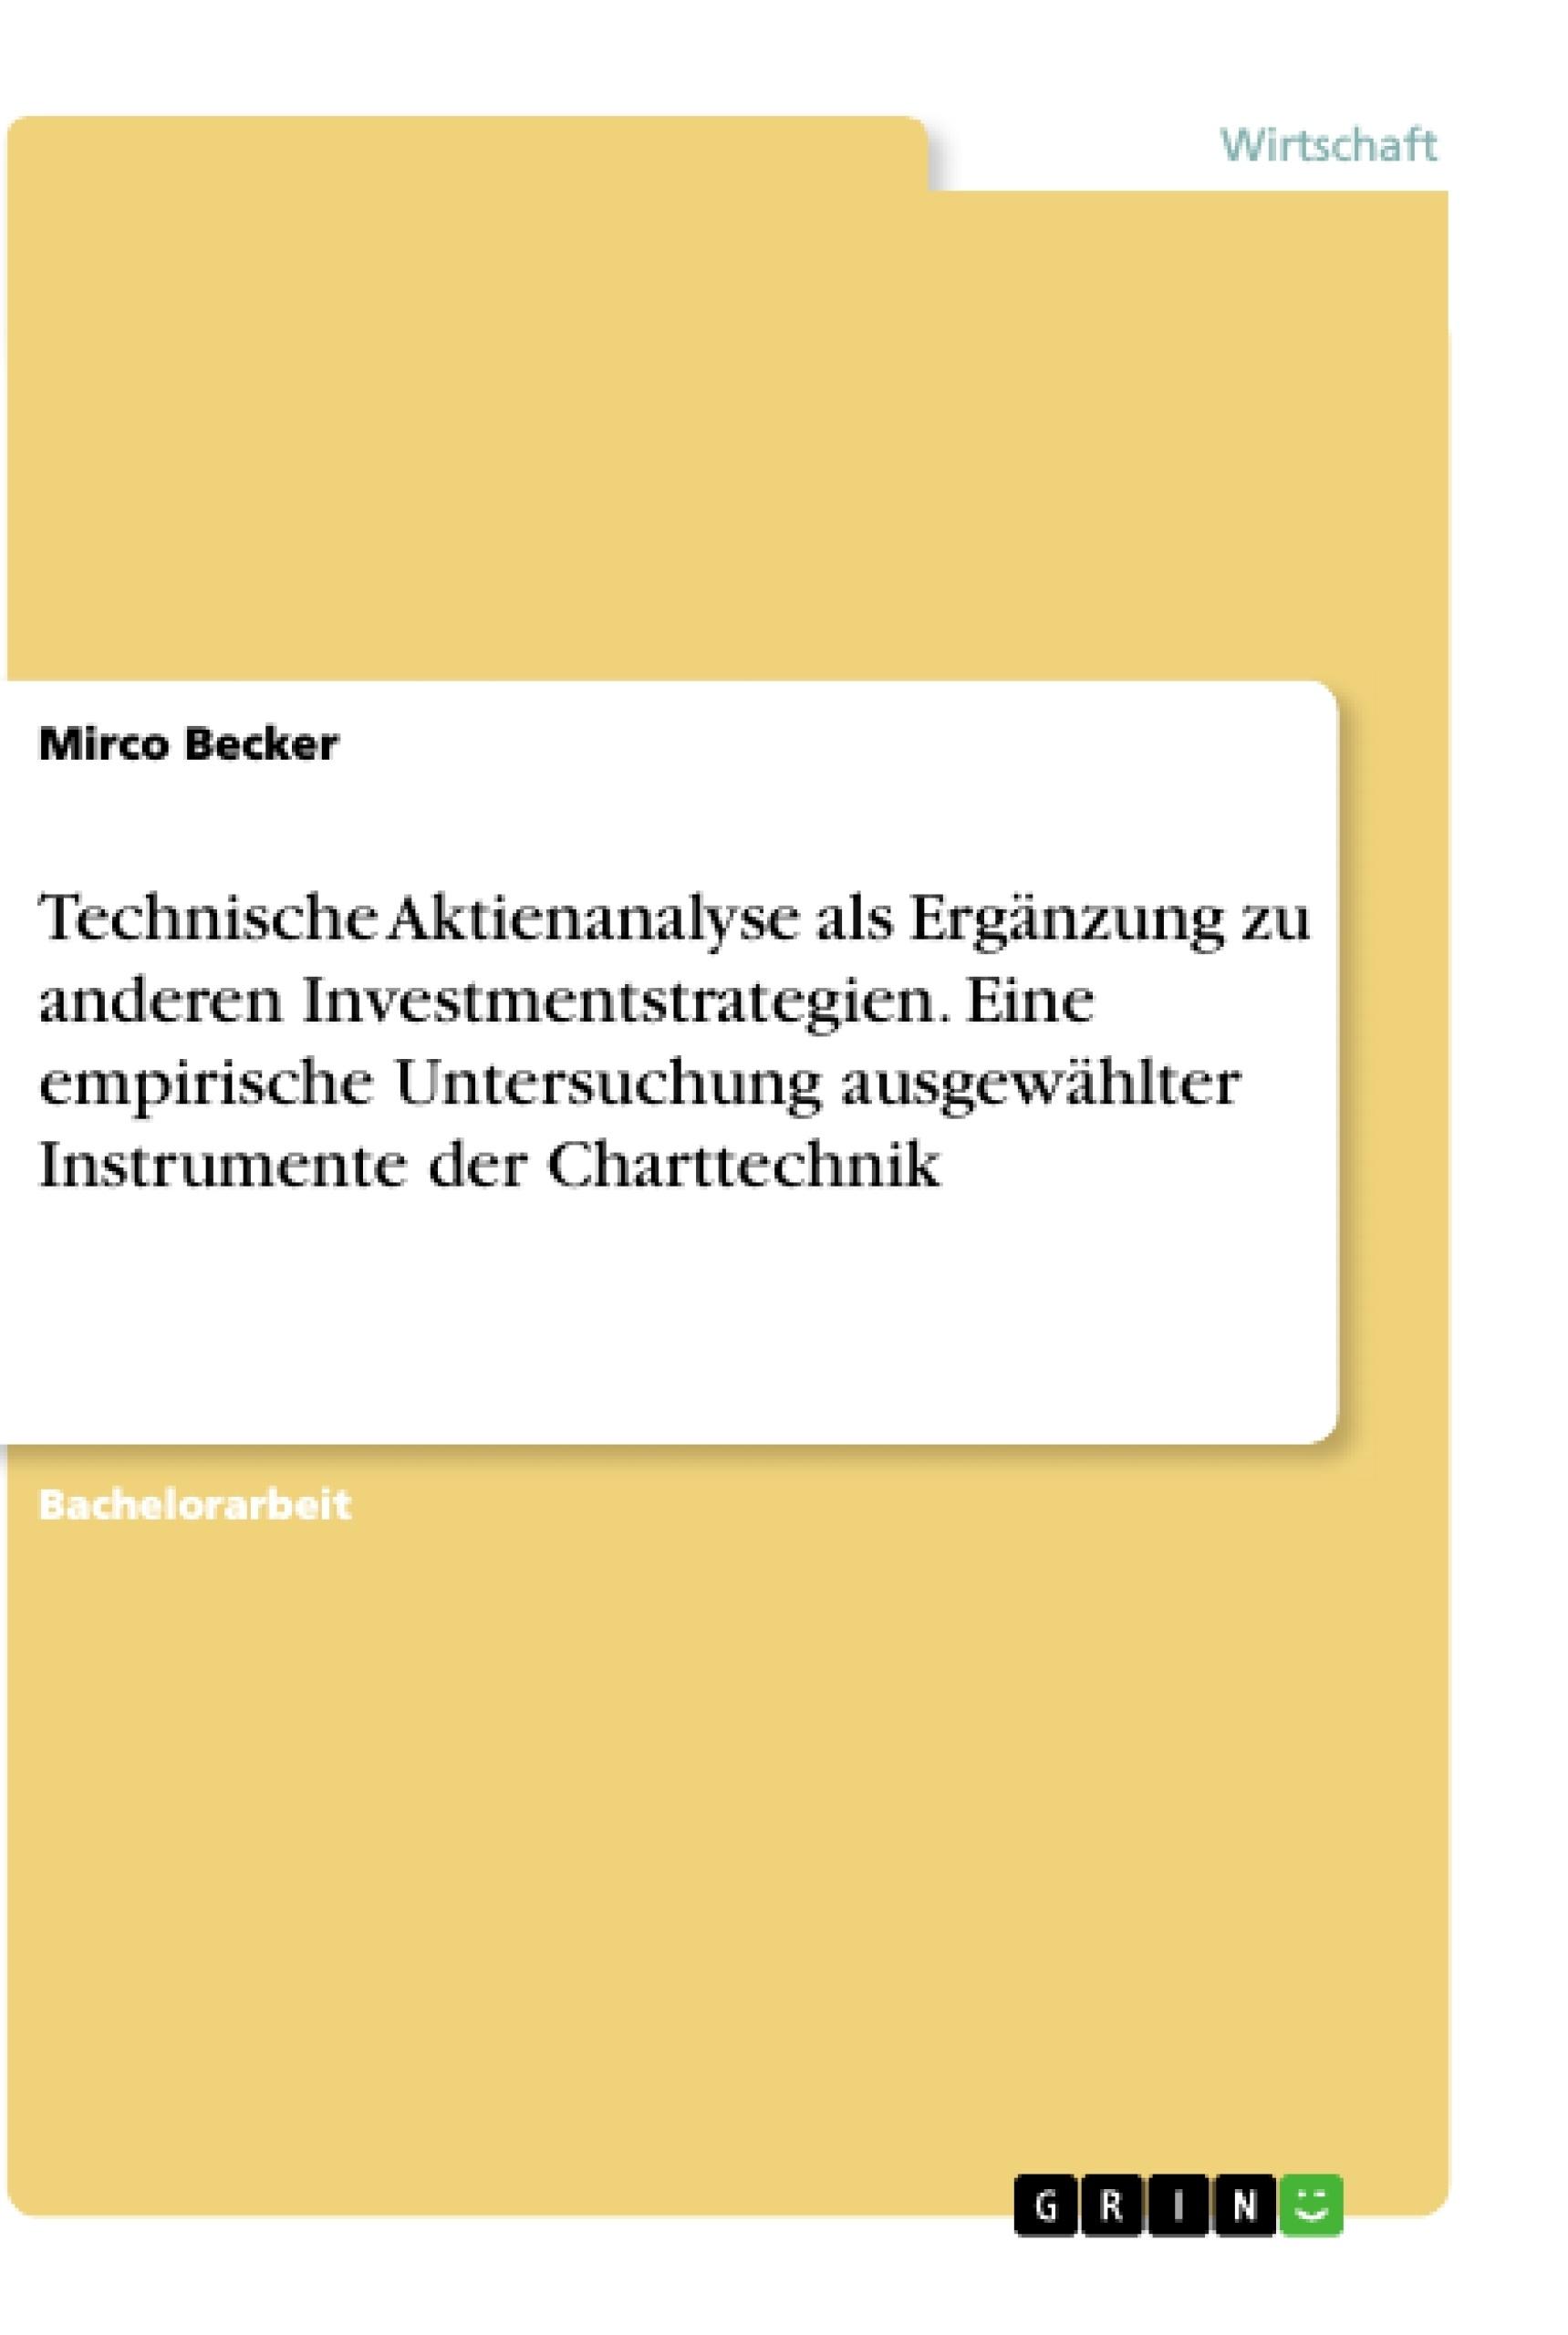 Titel: Technische Aktienanalyse als Ergänzung zu anderen Investmentstrategien. Eine empirische Untersuchung ausgewählter Instrumente der Charttechnik